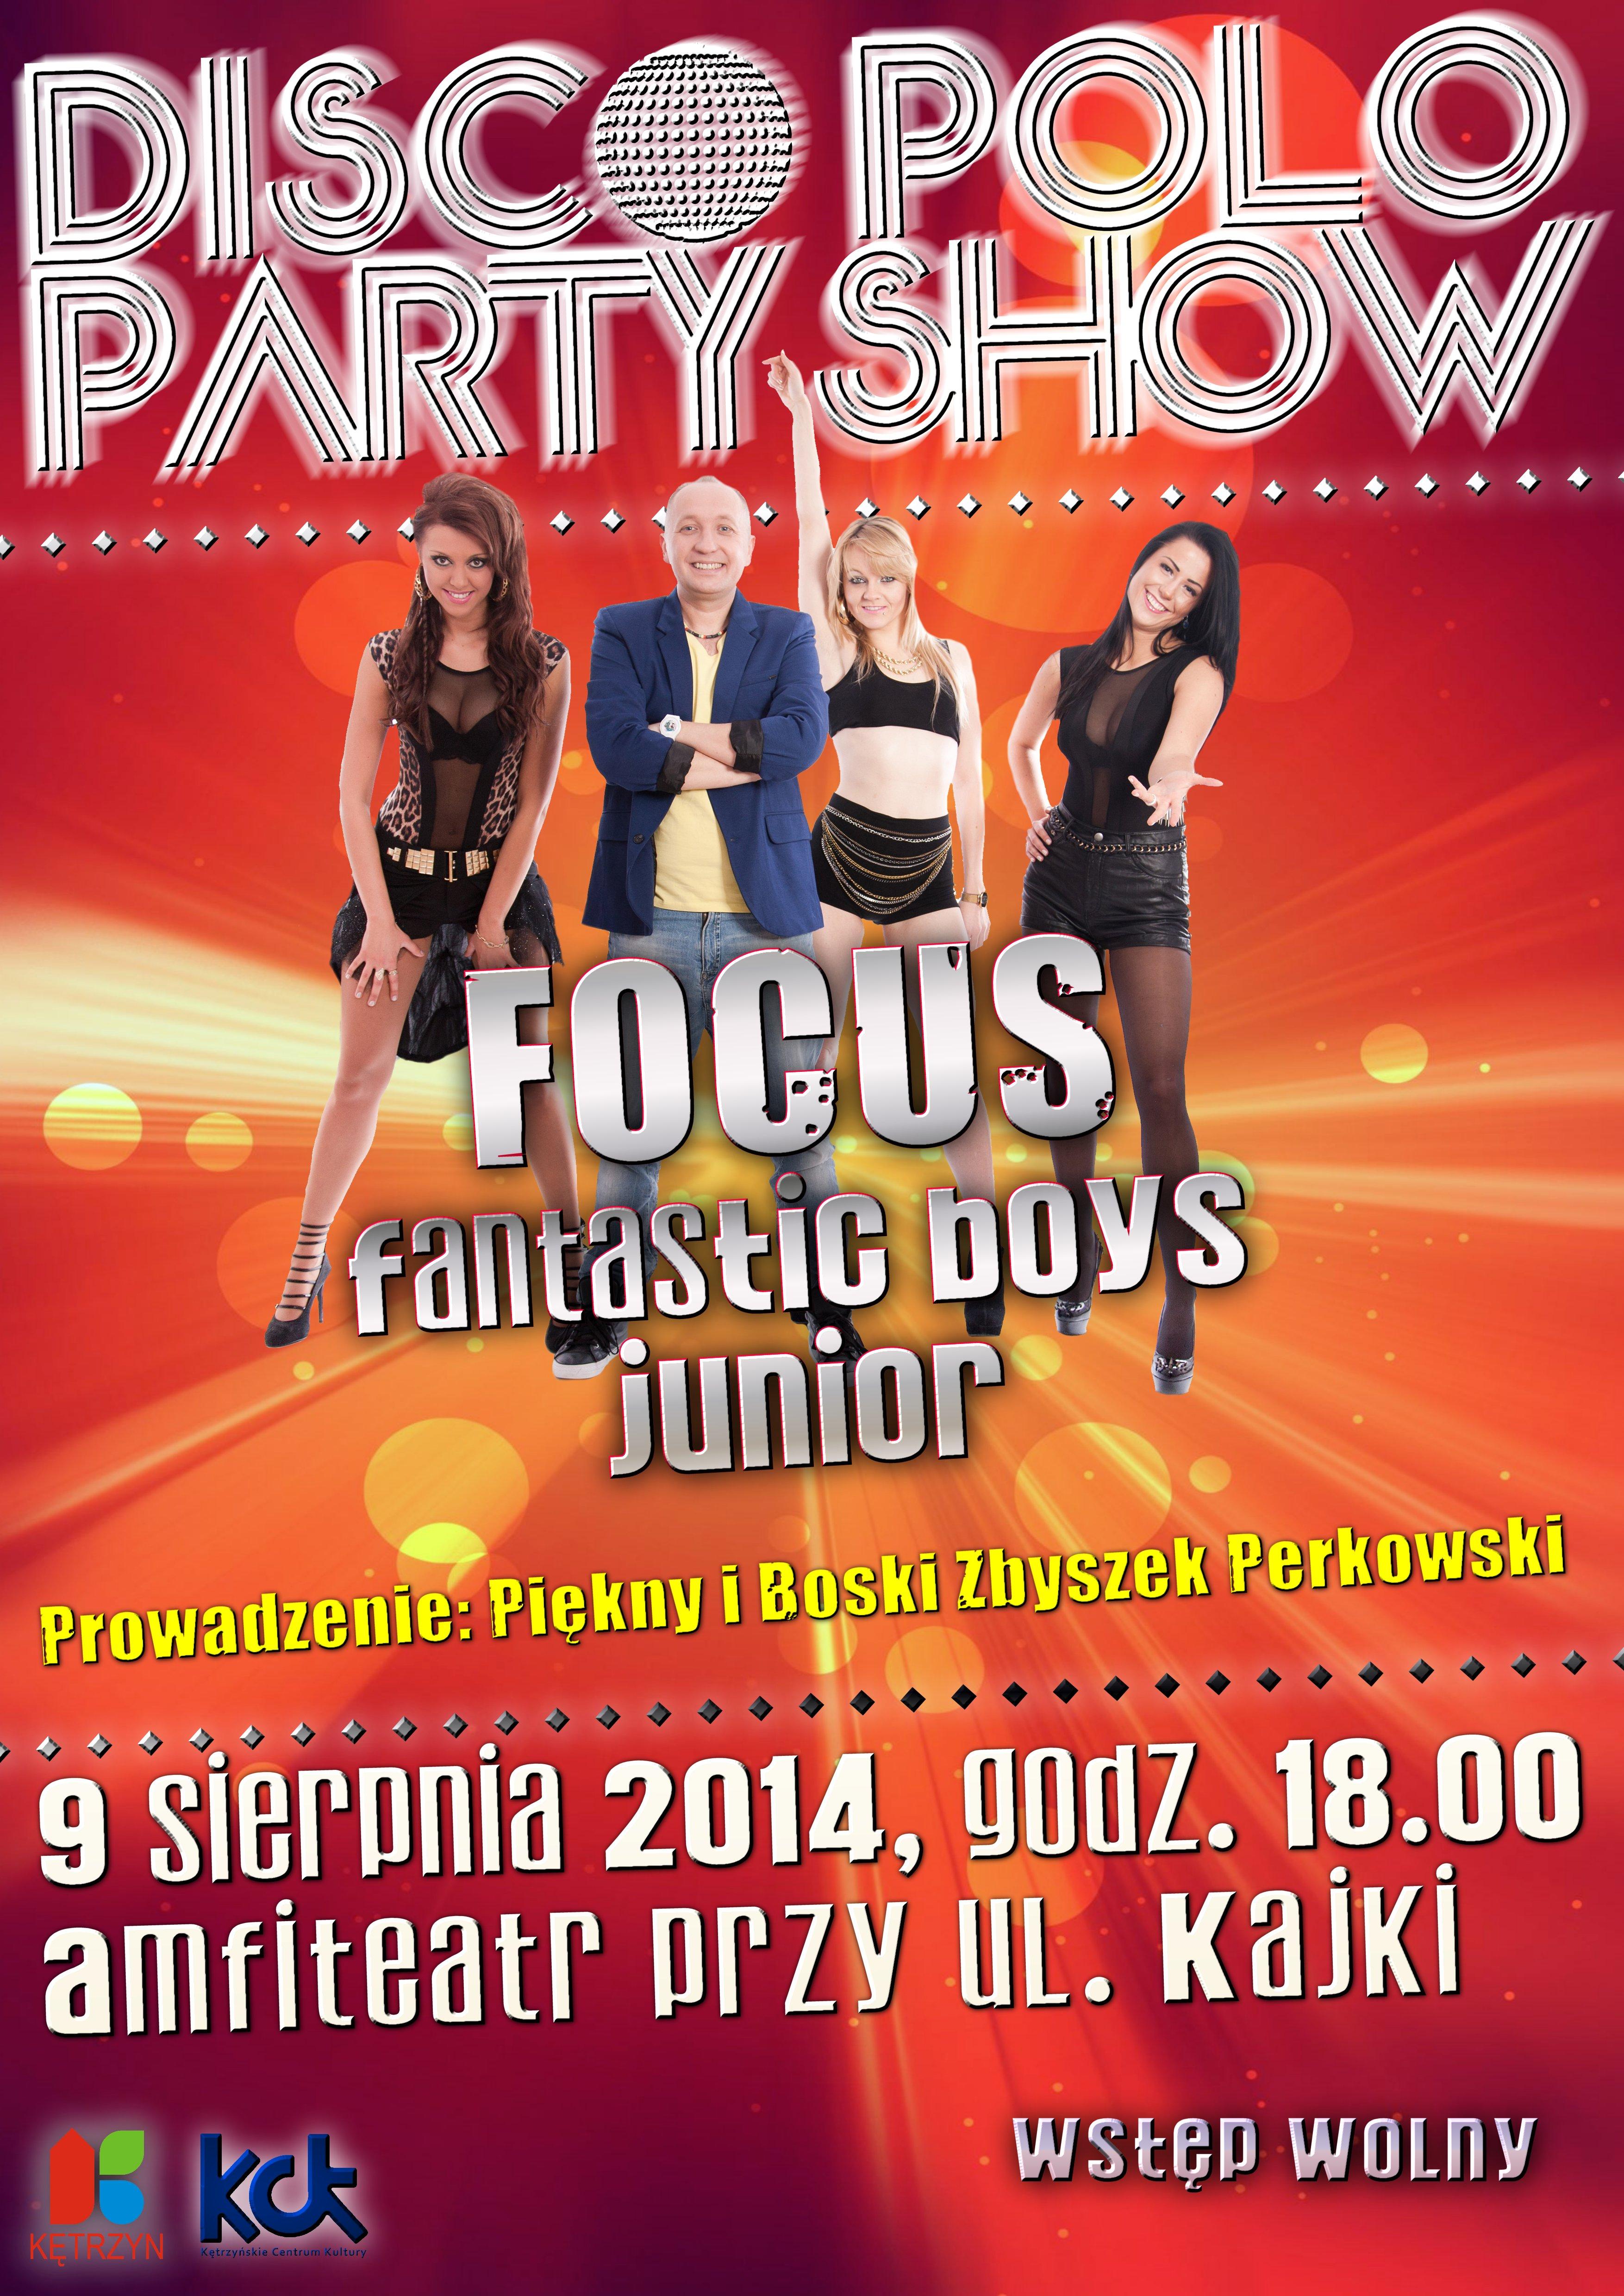 disco polo party show 2014